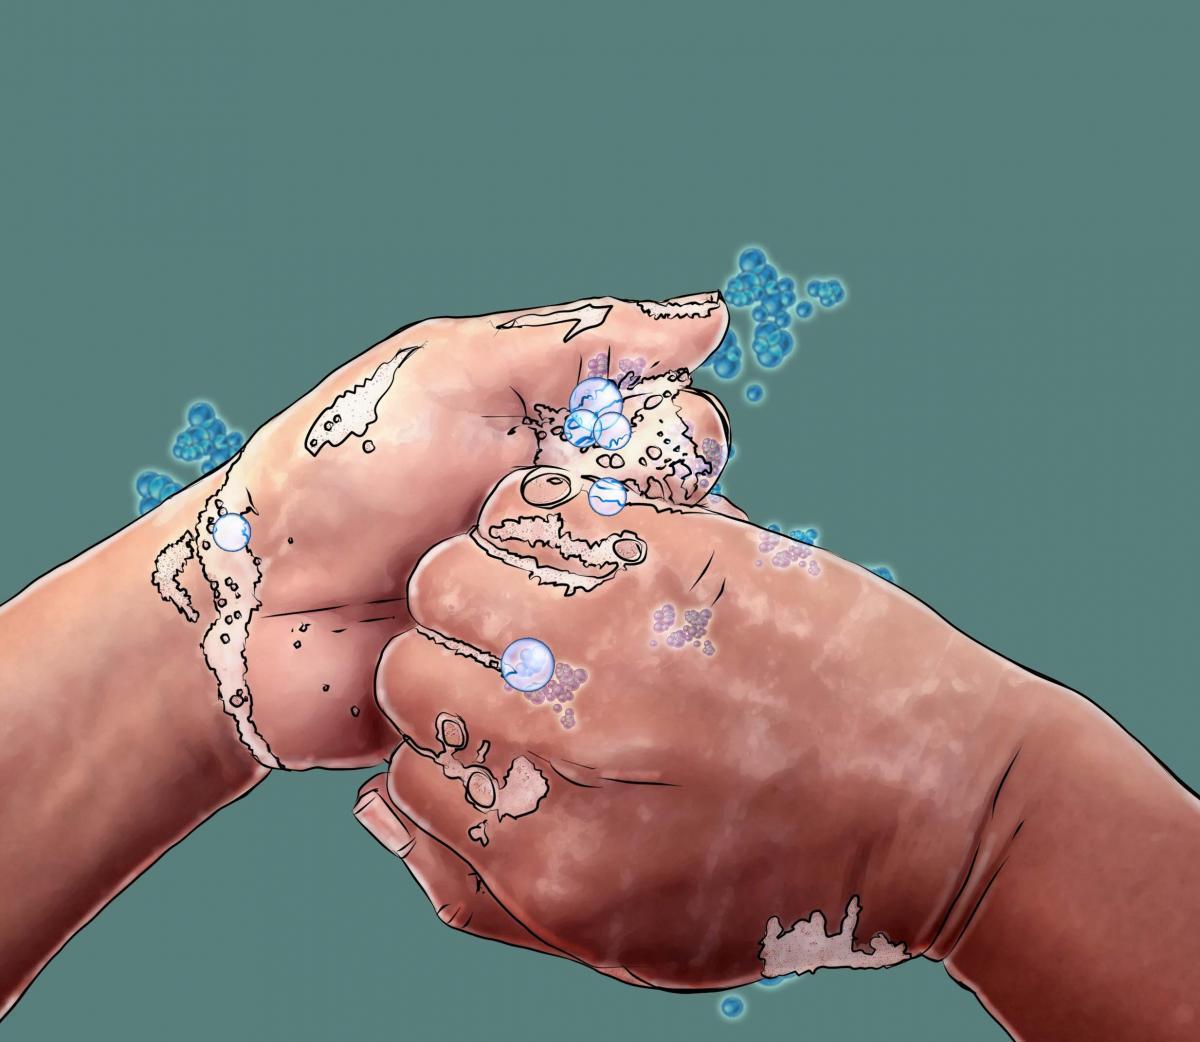 Hygiene - Handwashing - 06B - Unknown